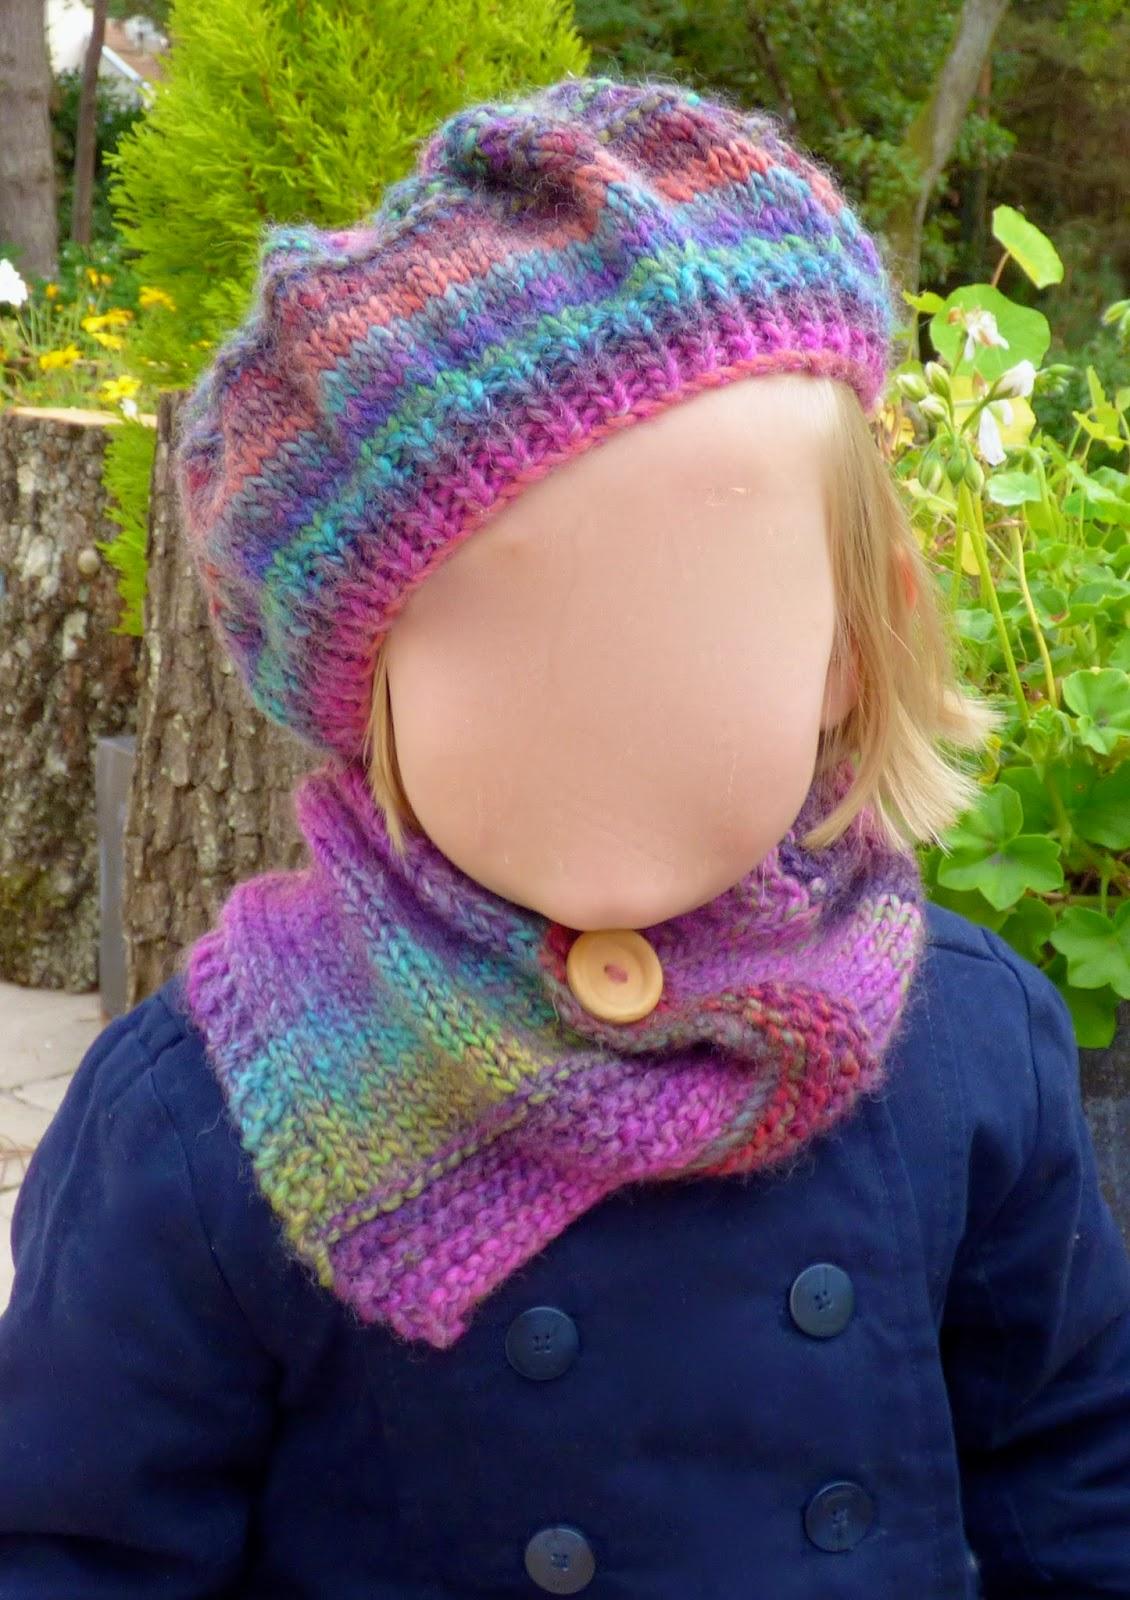 Une semaine paris for t tricoter un col asym trique et un b ret niveau d butant - Tricoter un plaid debutant ...